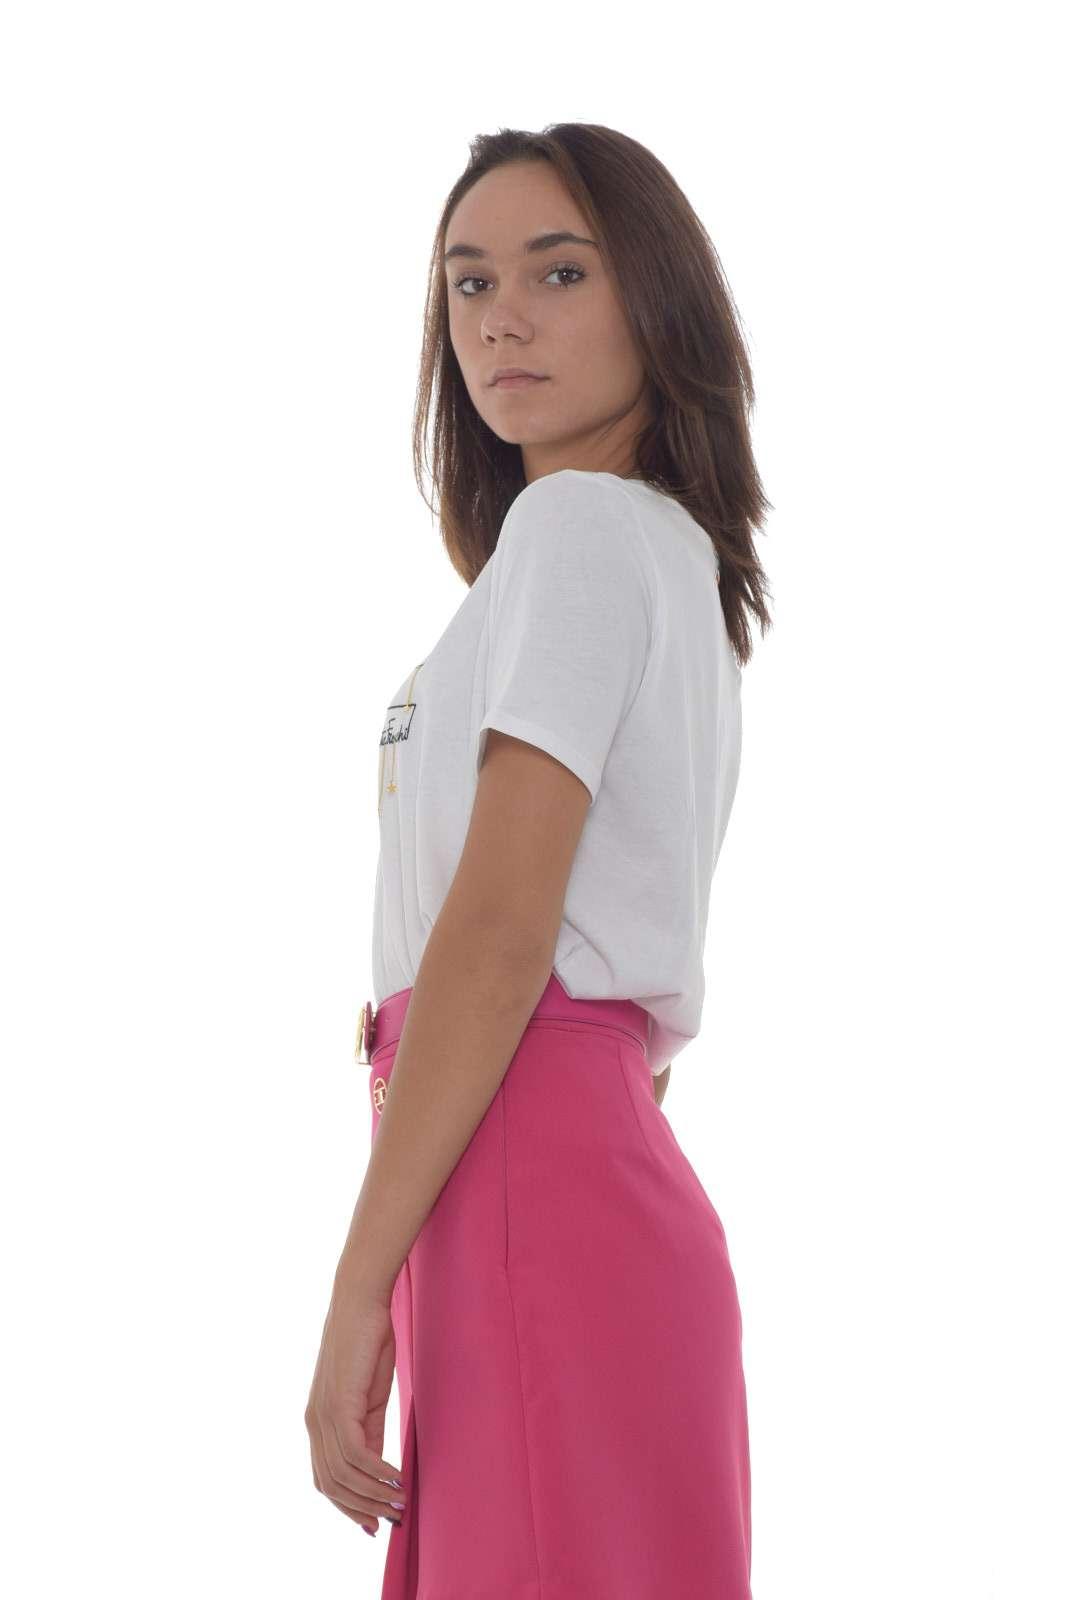 https://www.parmax.com/media/catalog/product/a/i/AI-outlet_parmax-t-shirt-donna-Elisabetta-Franchi-MA13496E2-B.jpg